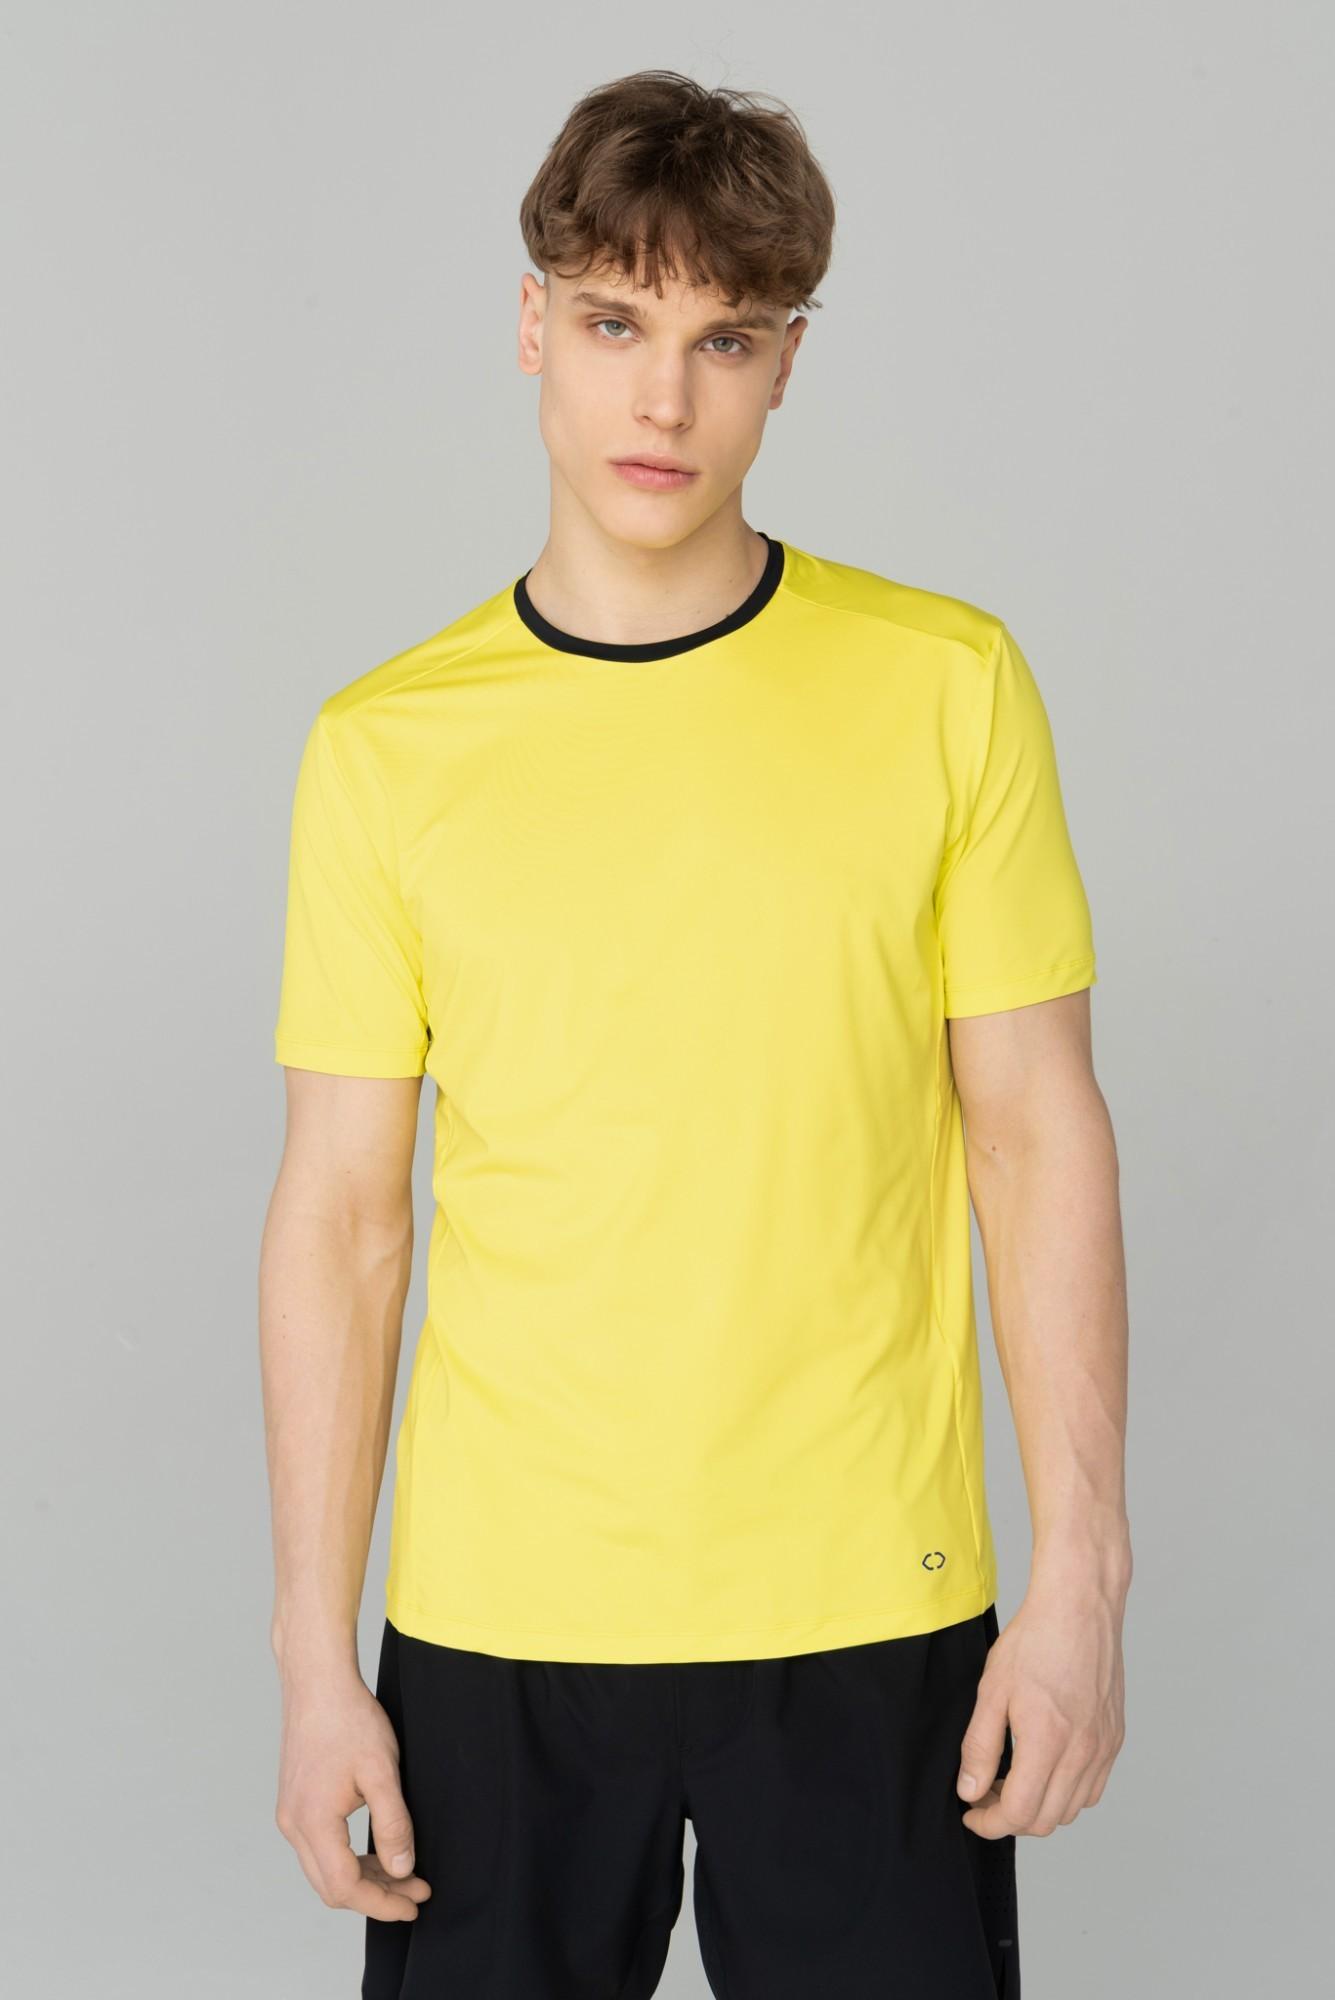 AUDIMAS Funkcionalūs marškinėliai 2111-678 Sulphur Spring XL